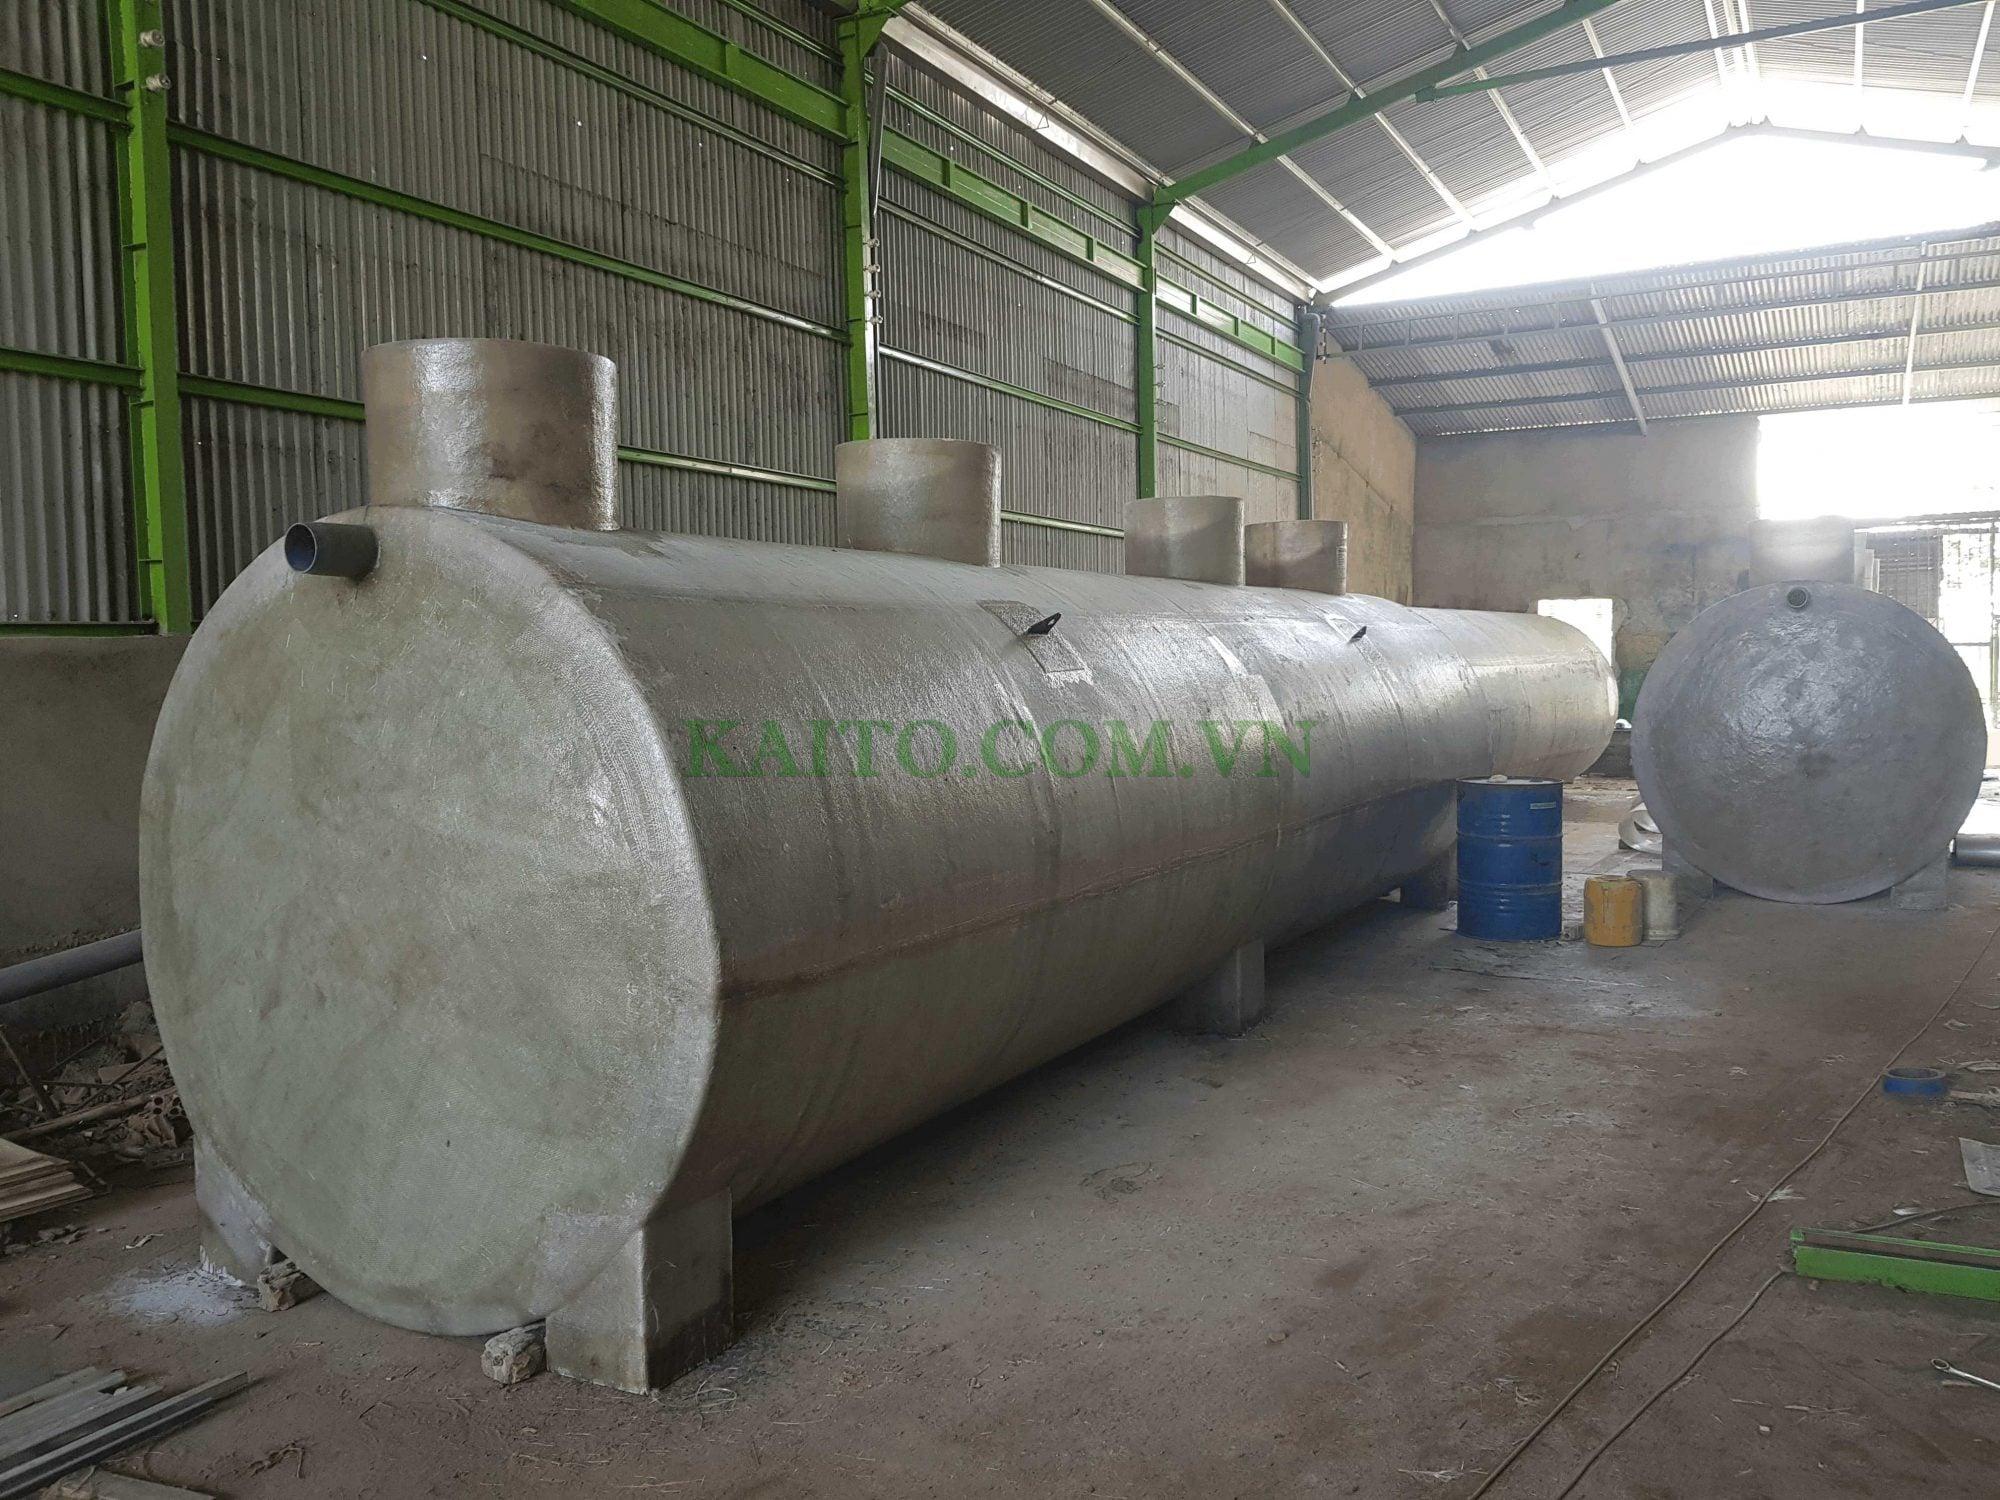 bồn composite chauws nước thải chất lượng cao